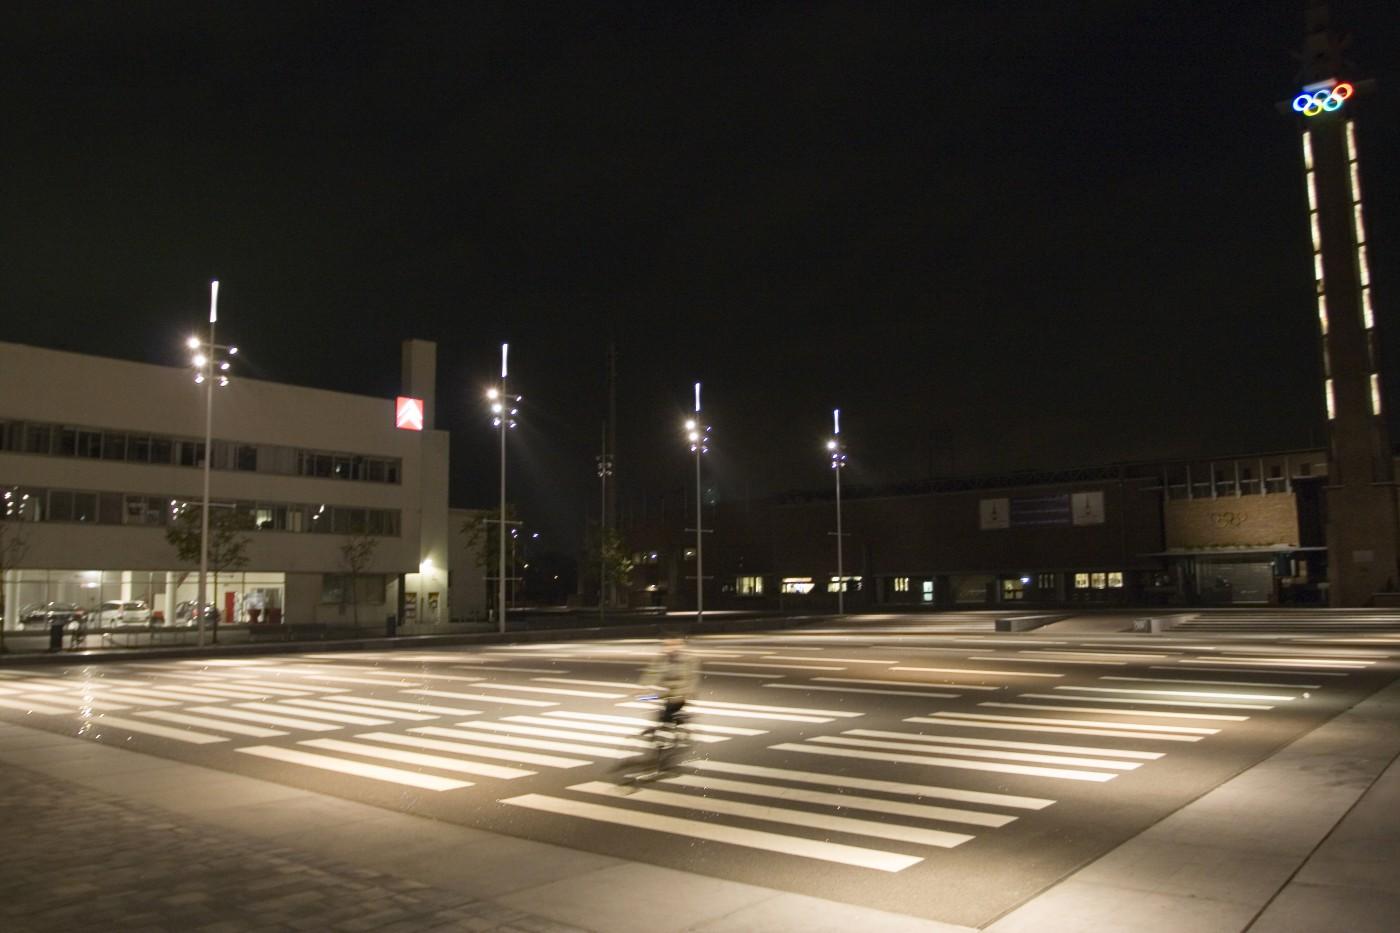 20 sep buro sant en co landschapsarchitectuur olympisch stadion plein amsterdam verlichting nachtbeeld